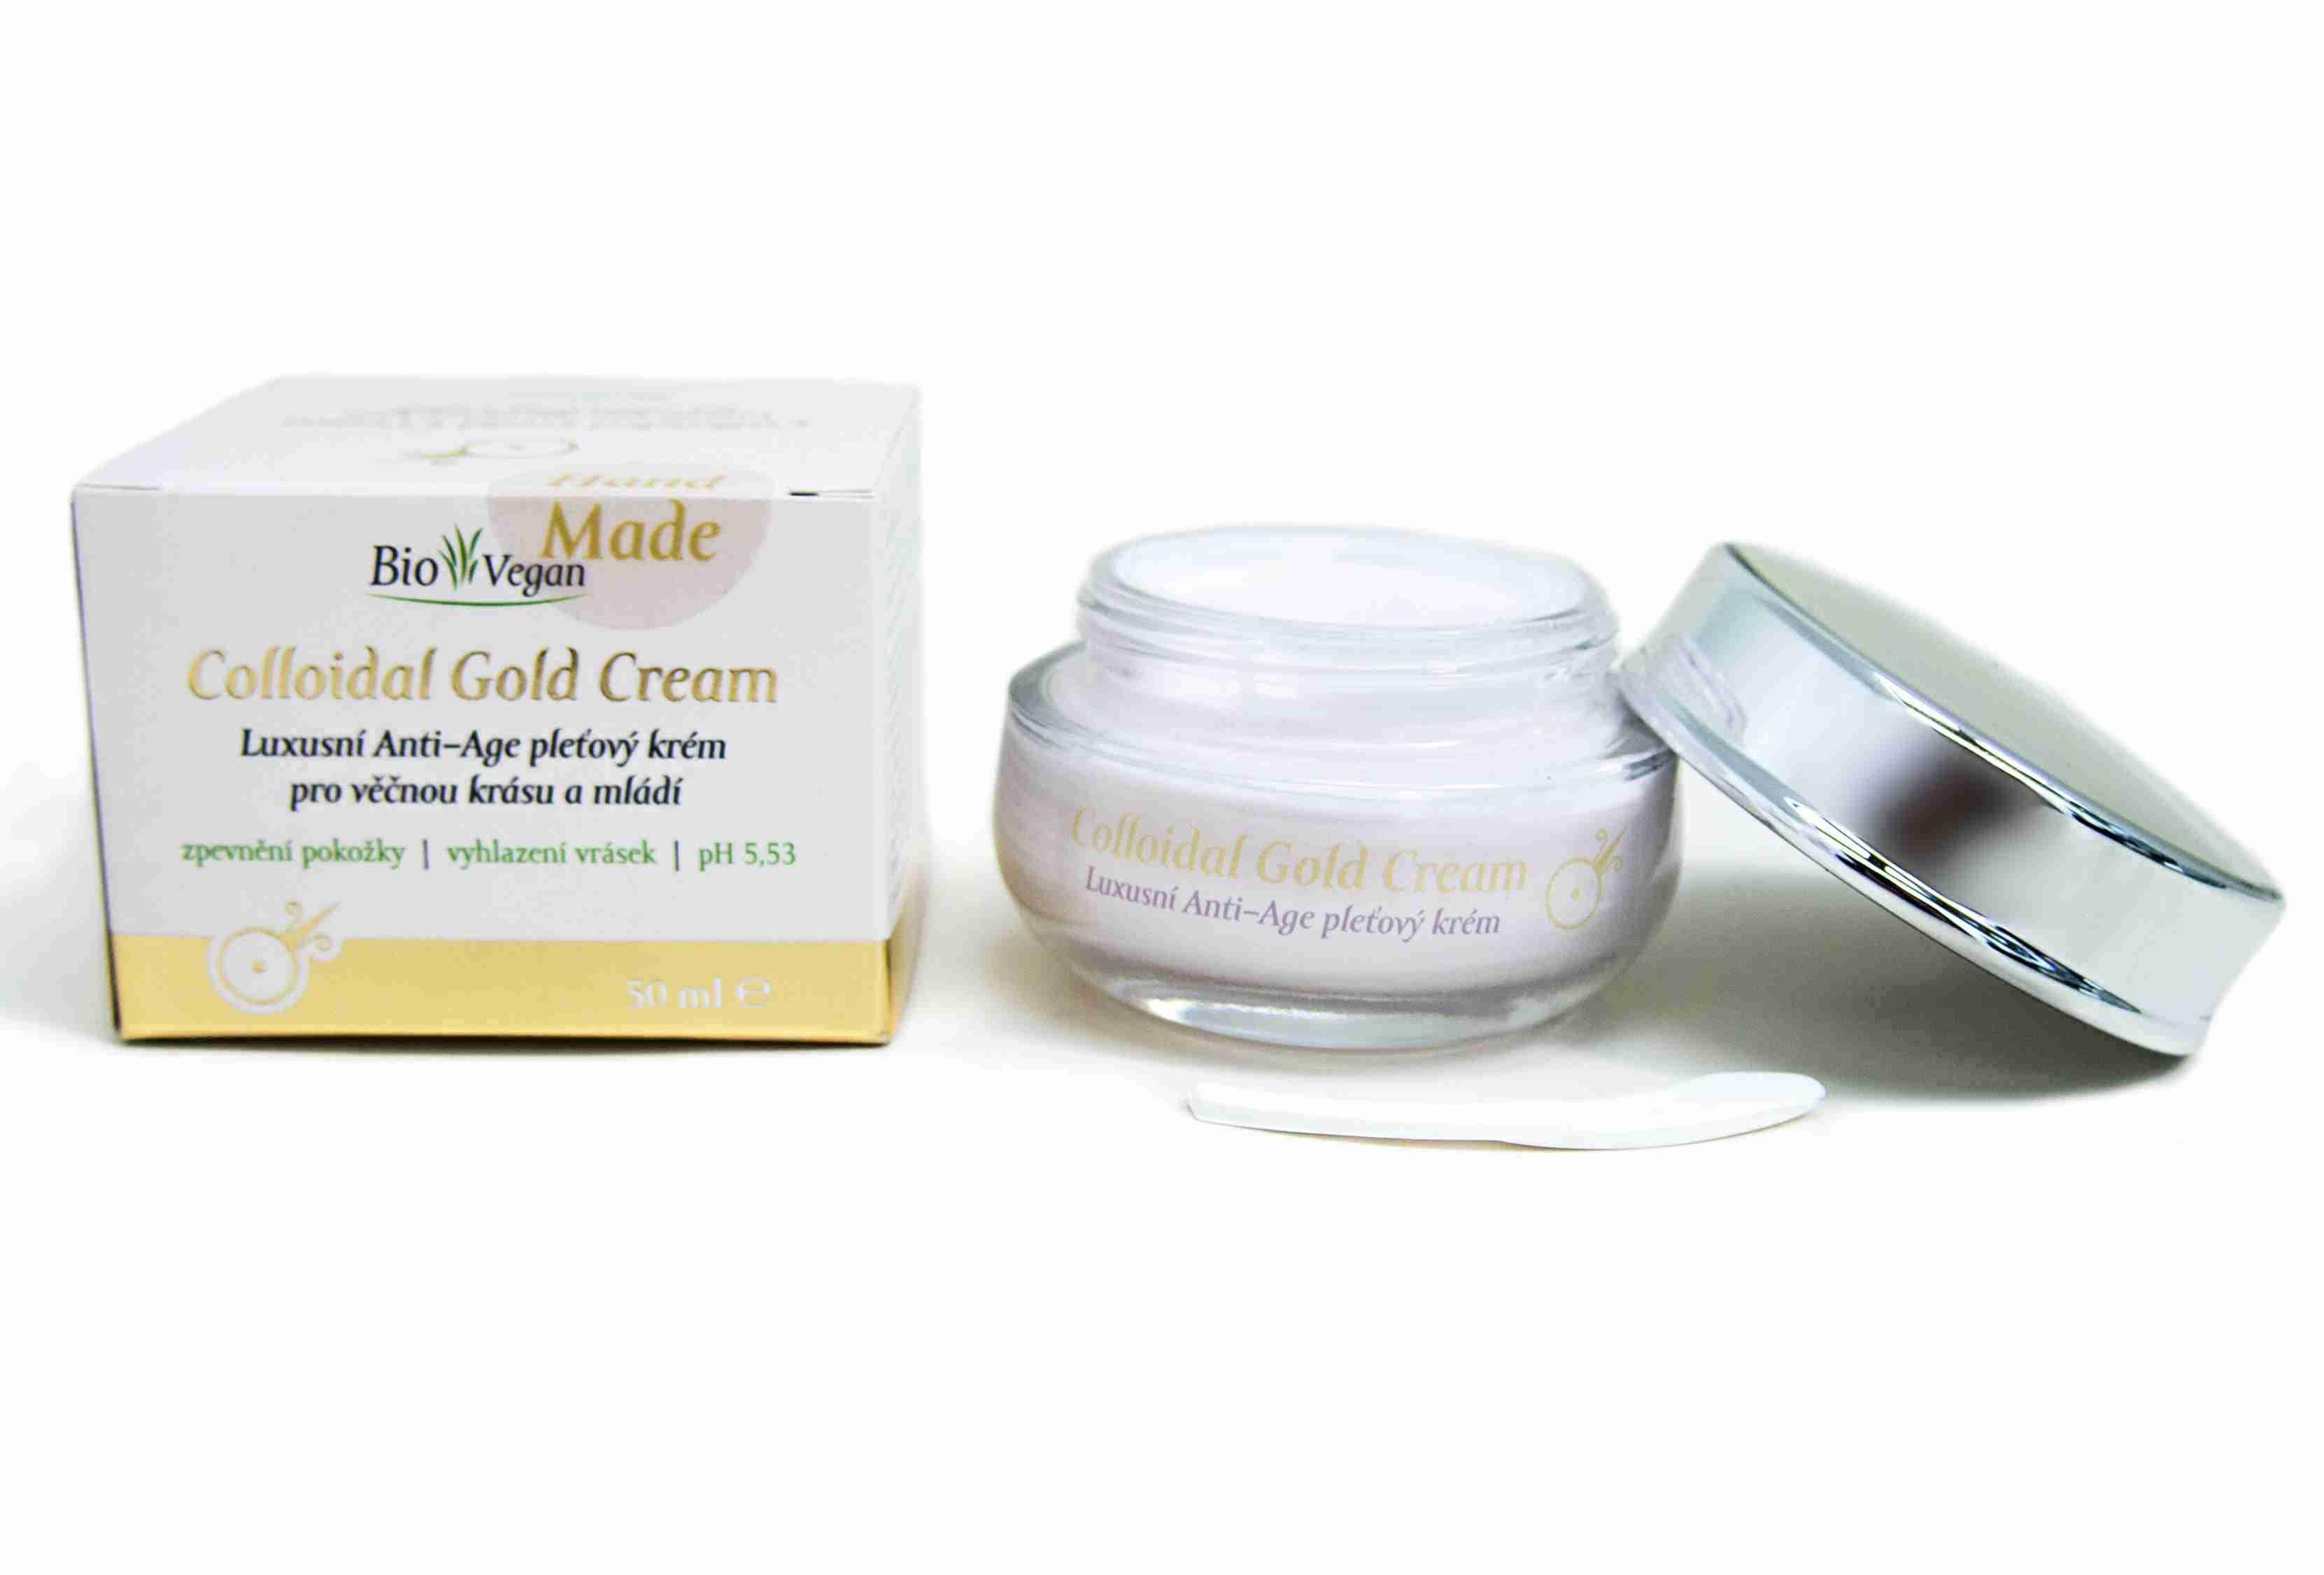 Lakshmi-Narayan Colloidal Gold Cream Luxusní anti-age pleťový krém pro věčnou krásu a mládí 50ml